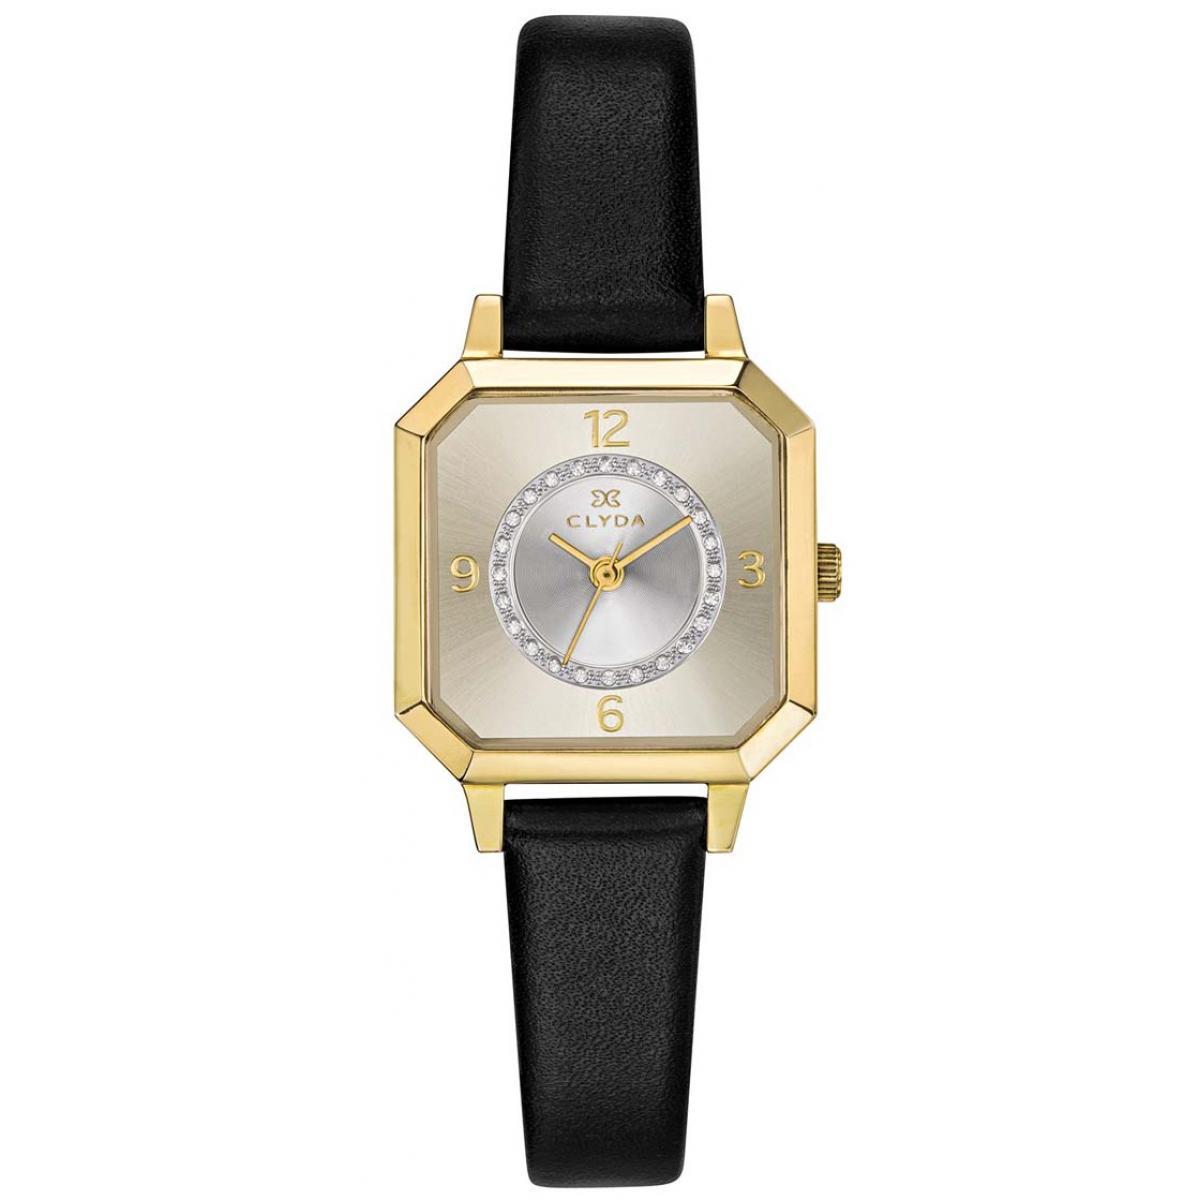 montre-clyda-cld0503ptan-boitier-acier-dore-bracelet-cuir-noir-cadran-nacre-femme_1188573_1200x1200